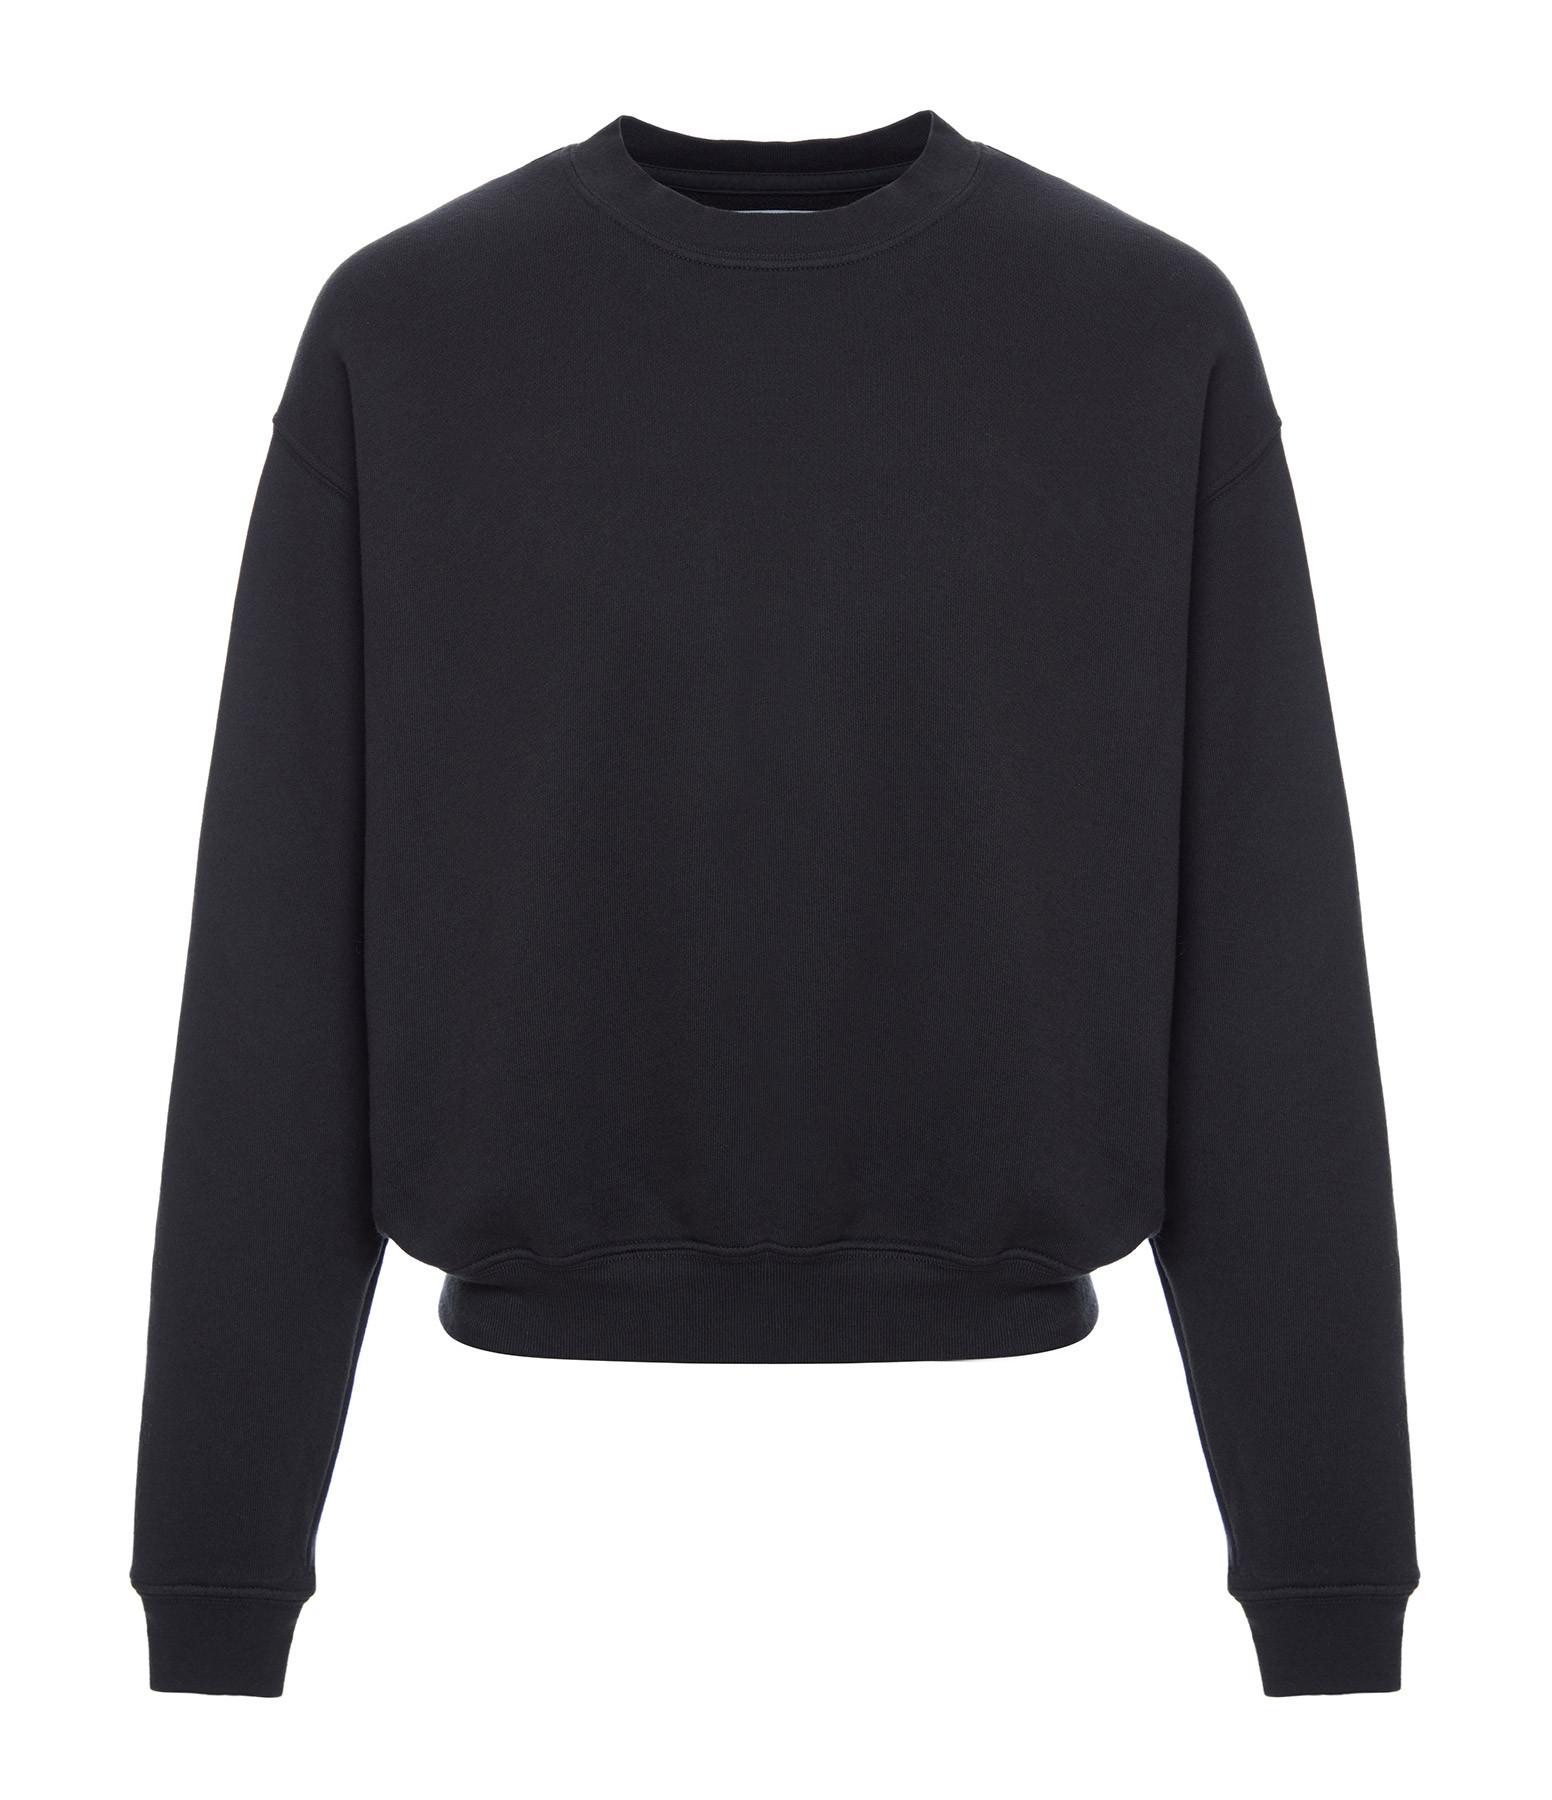 OVERLOVER - Sweatshirt Cienega Noir